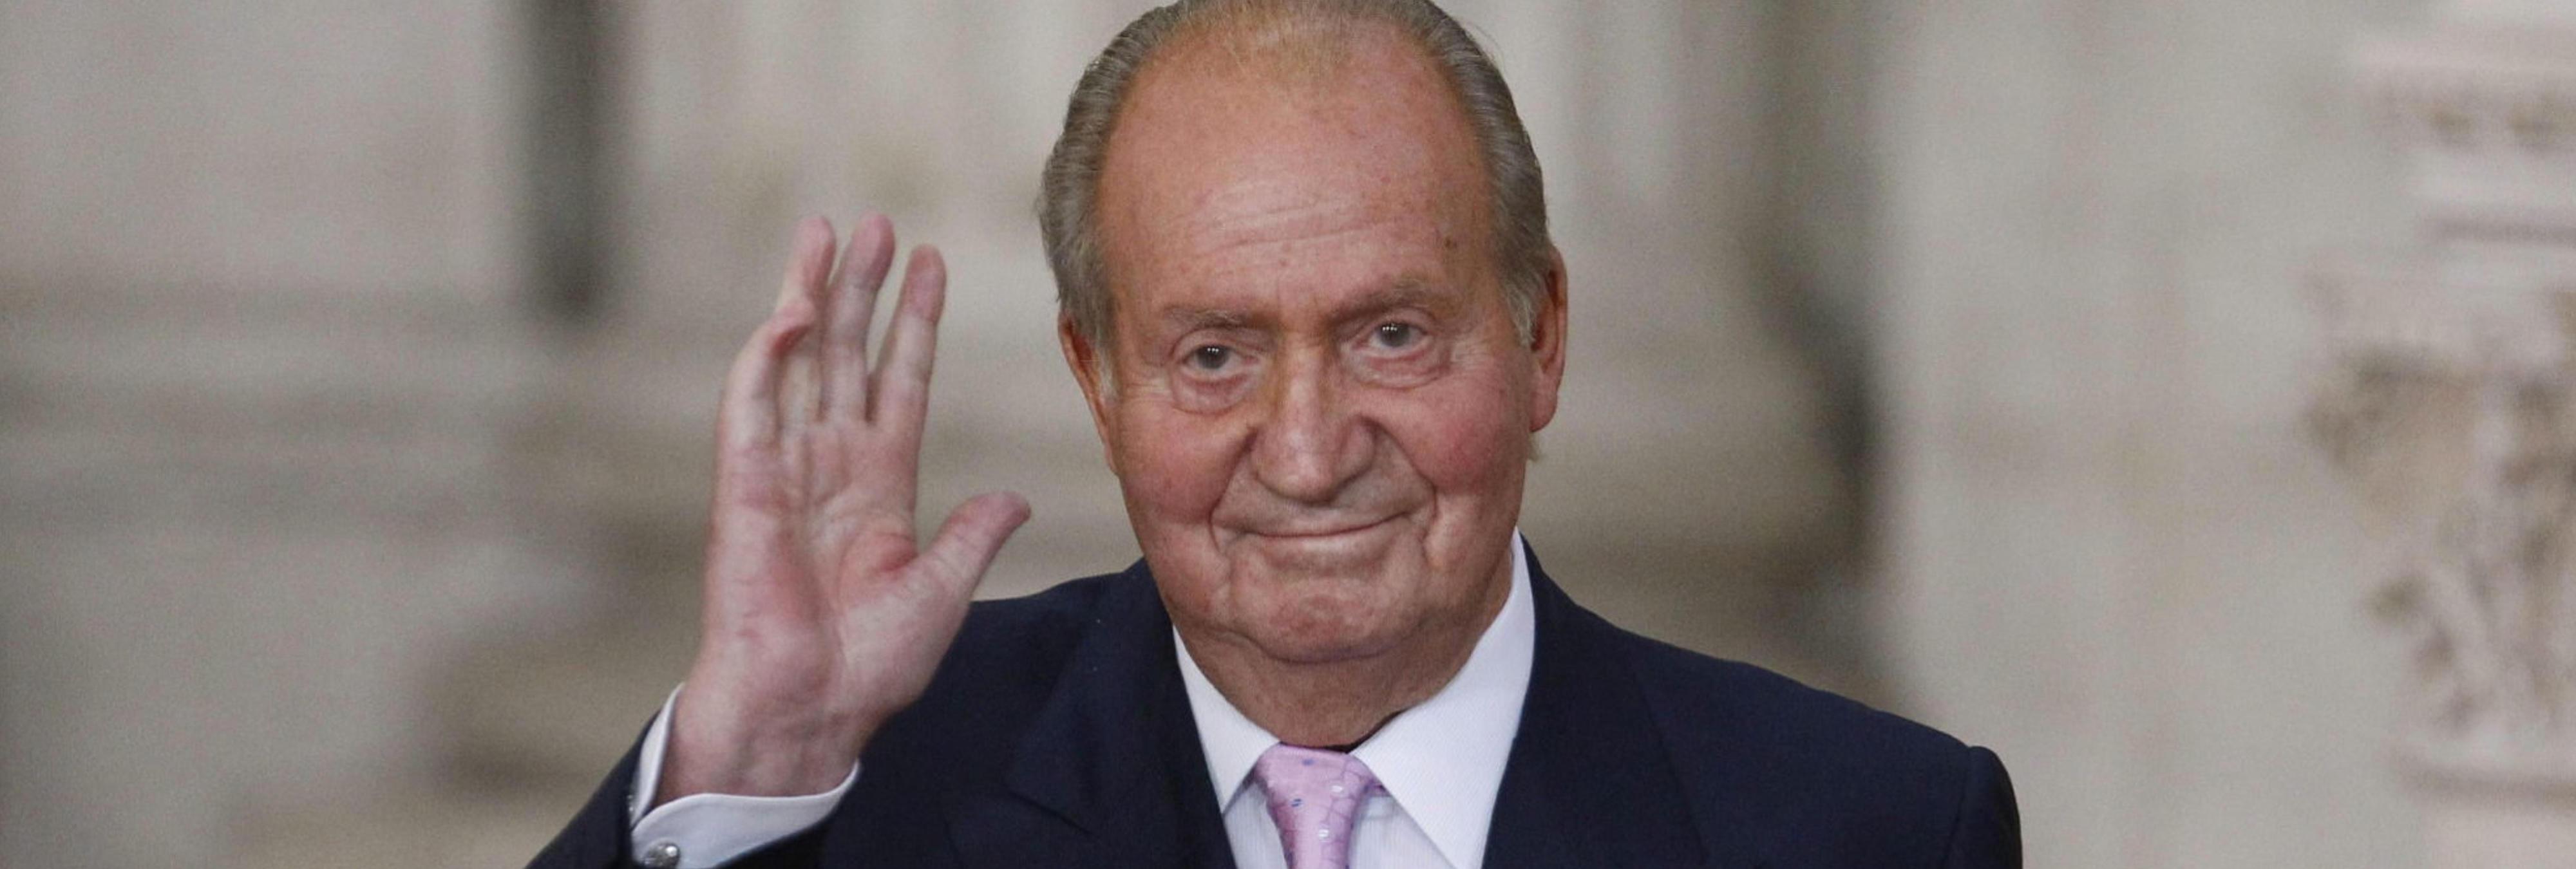 Los 6 mayores escándalos de Juan Carlos I